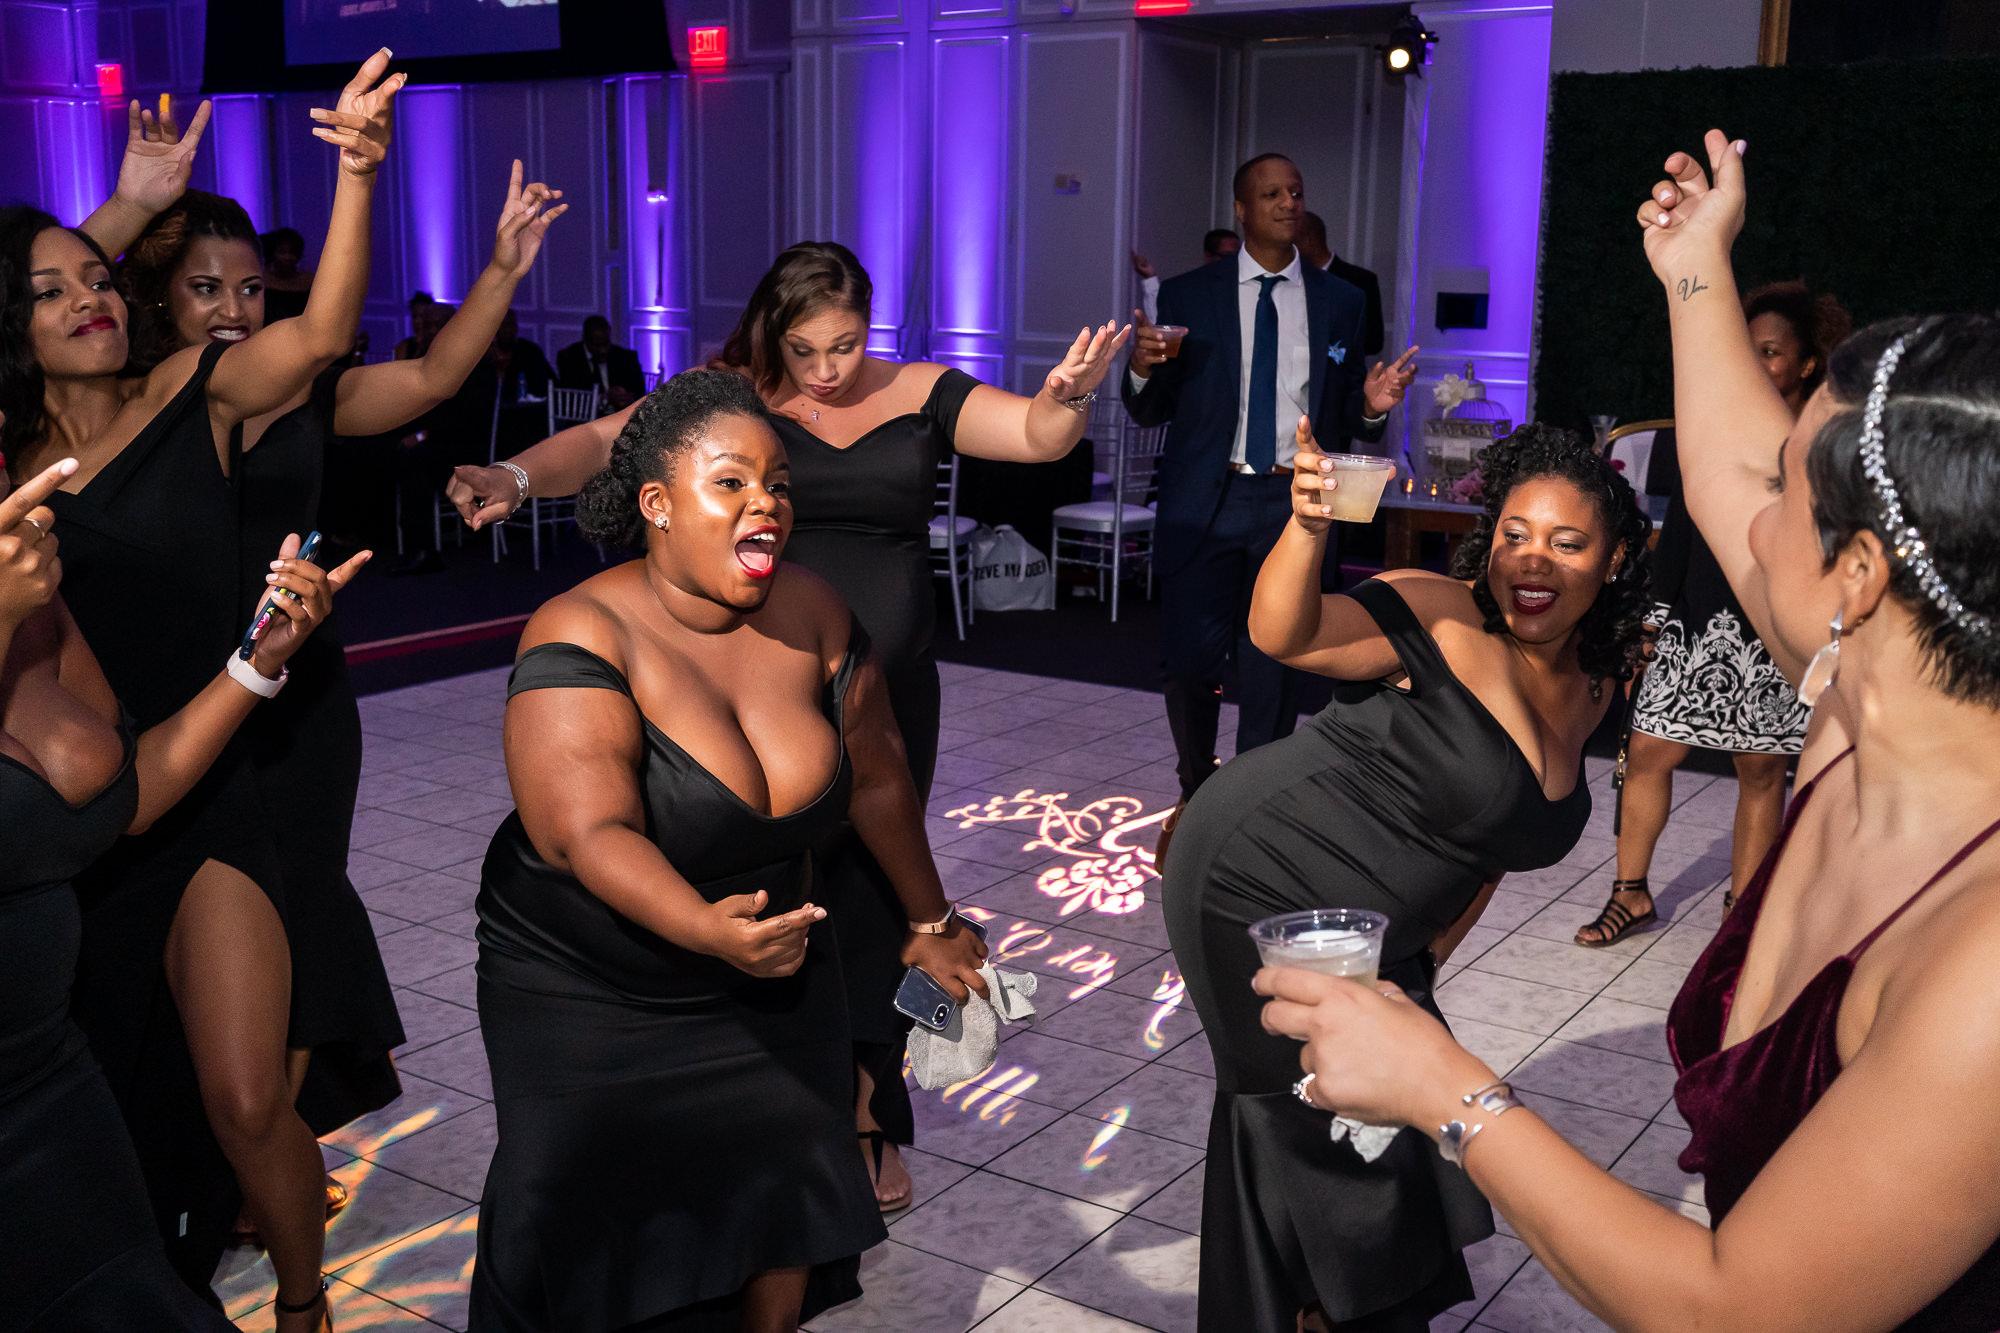 076-076-christopher-jason-studios-university-of-maryland-wedding-raheem-Devaughn-african-american-bride-and-groom.jpg